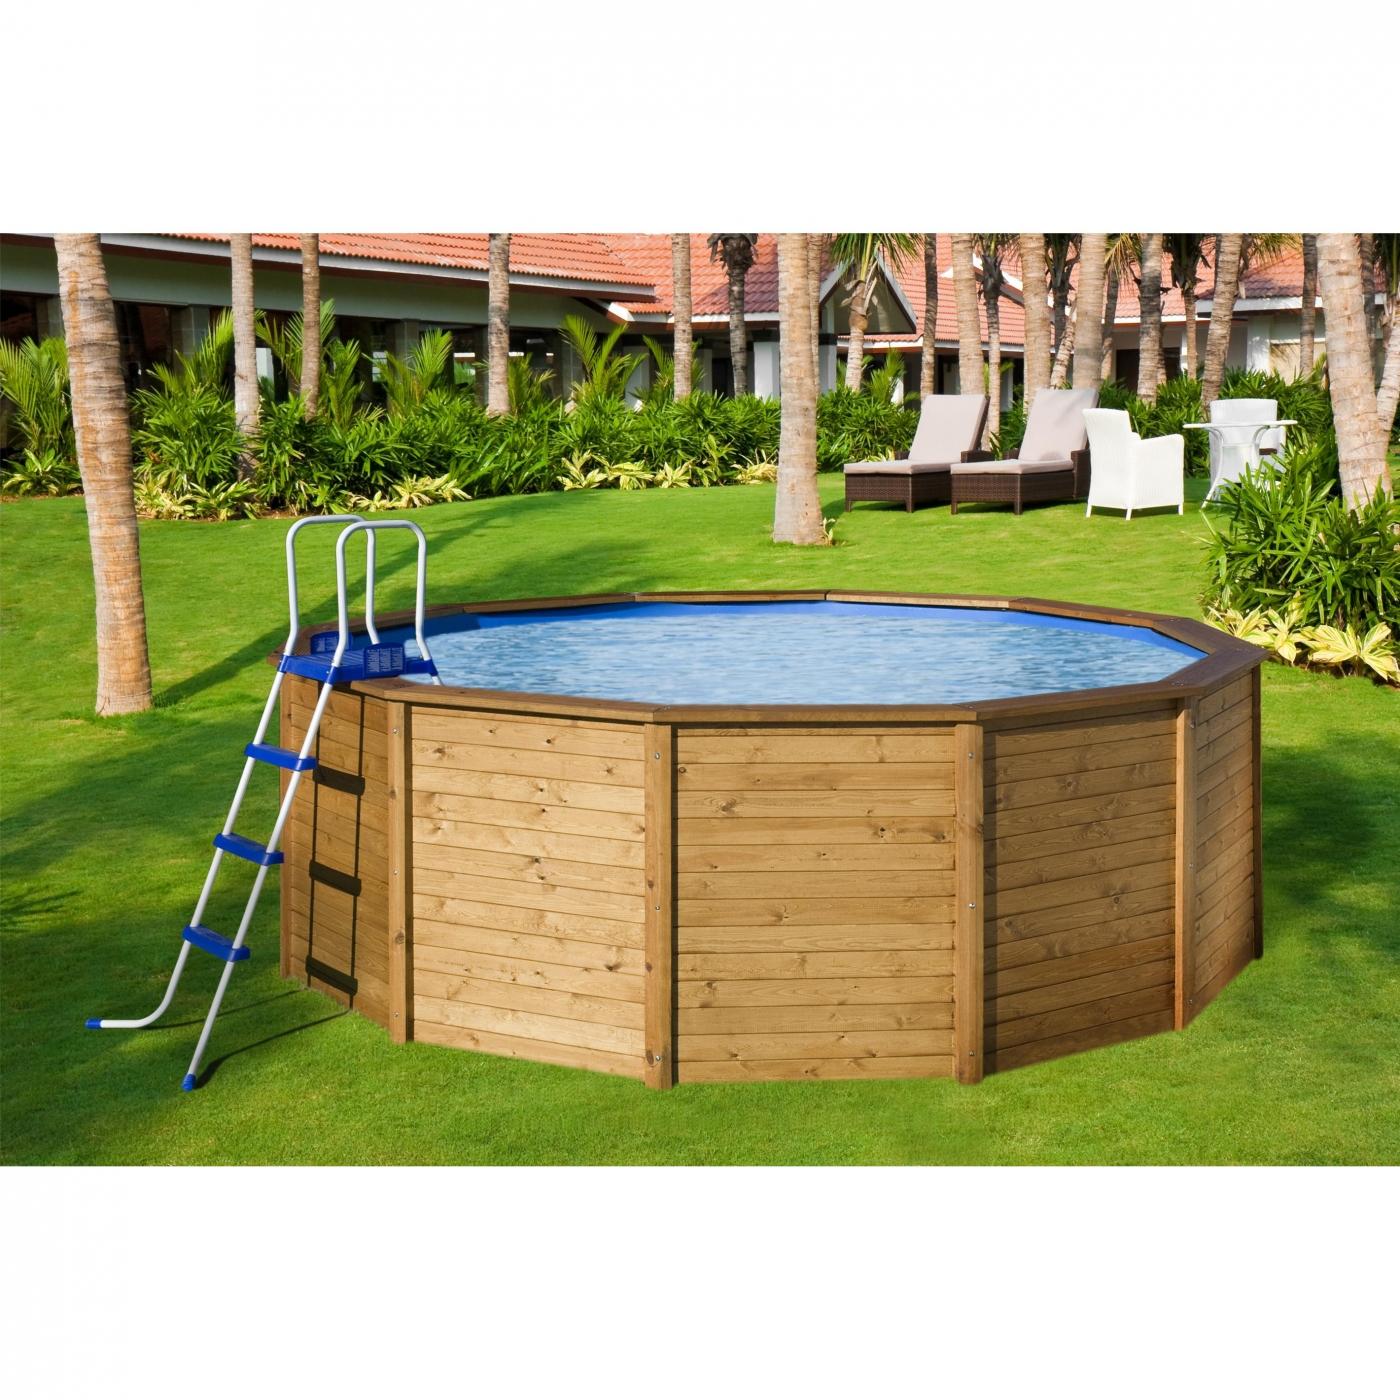 Piscina de madera con depuradora por en planeta - Depuradora para piscina ...